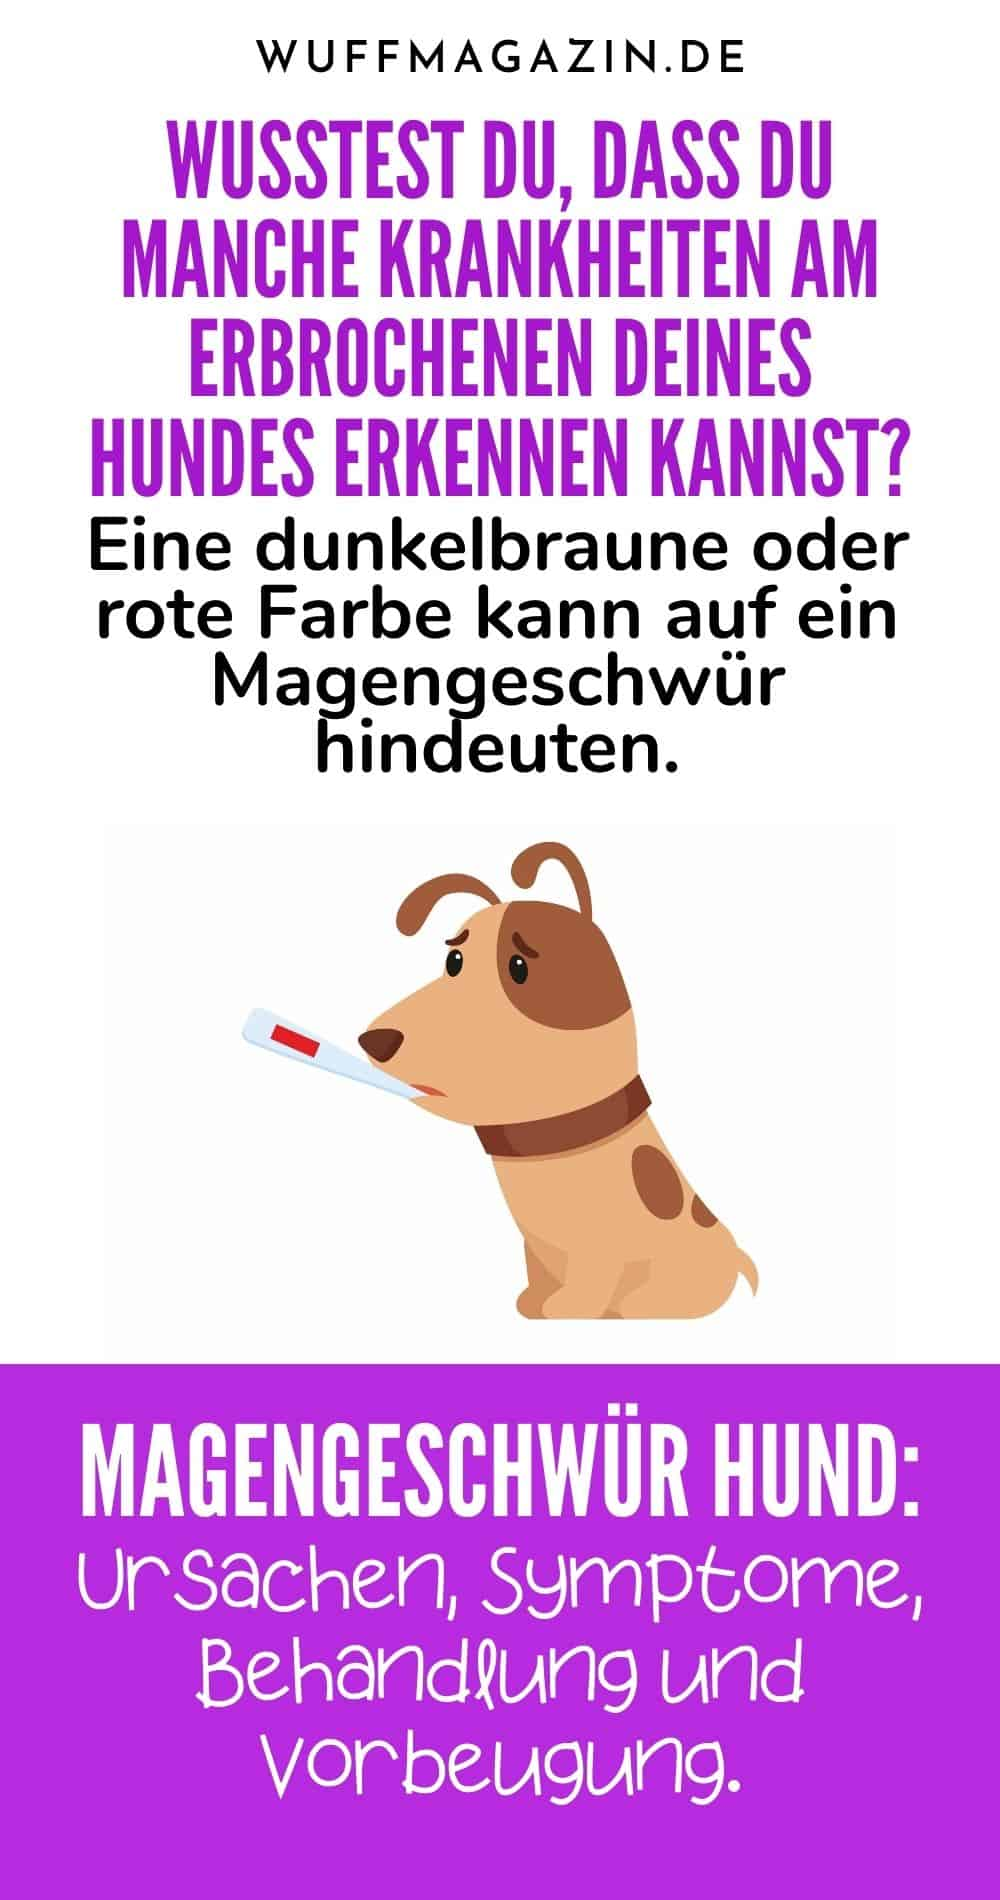 Magengeschwür Hund Ursachen, Symptome, Behandlung und Vorbeugung